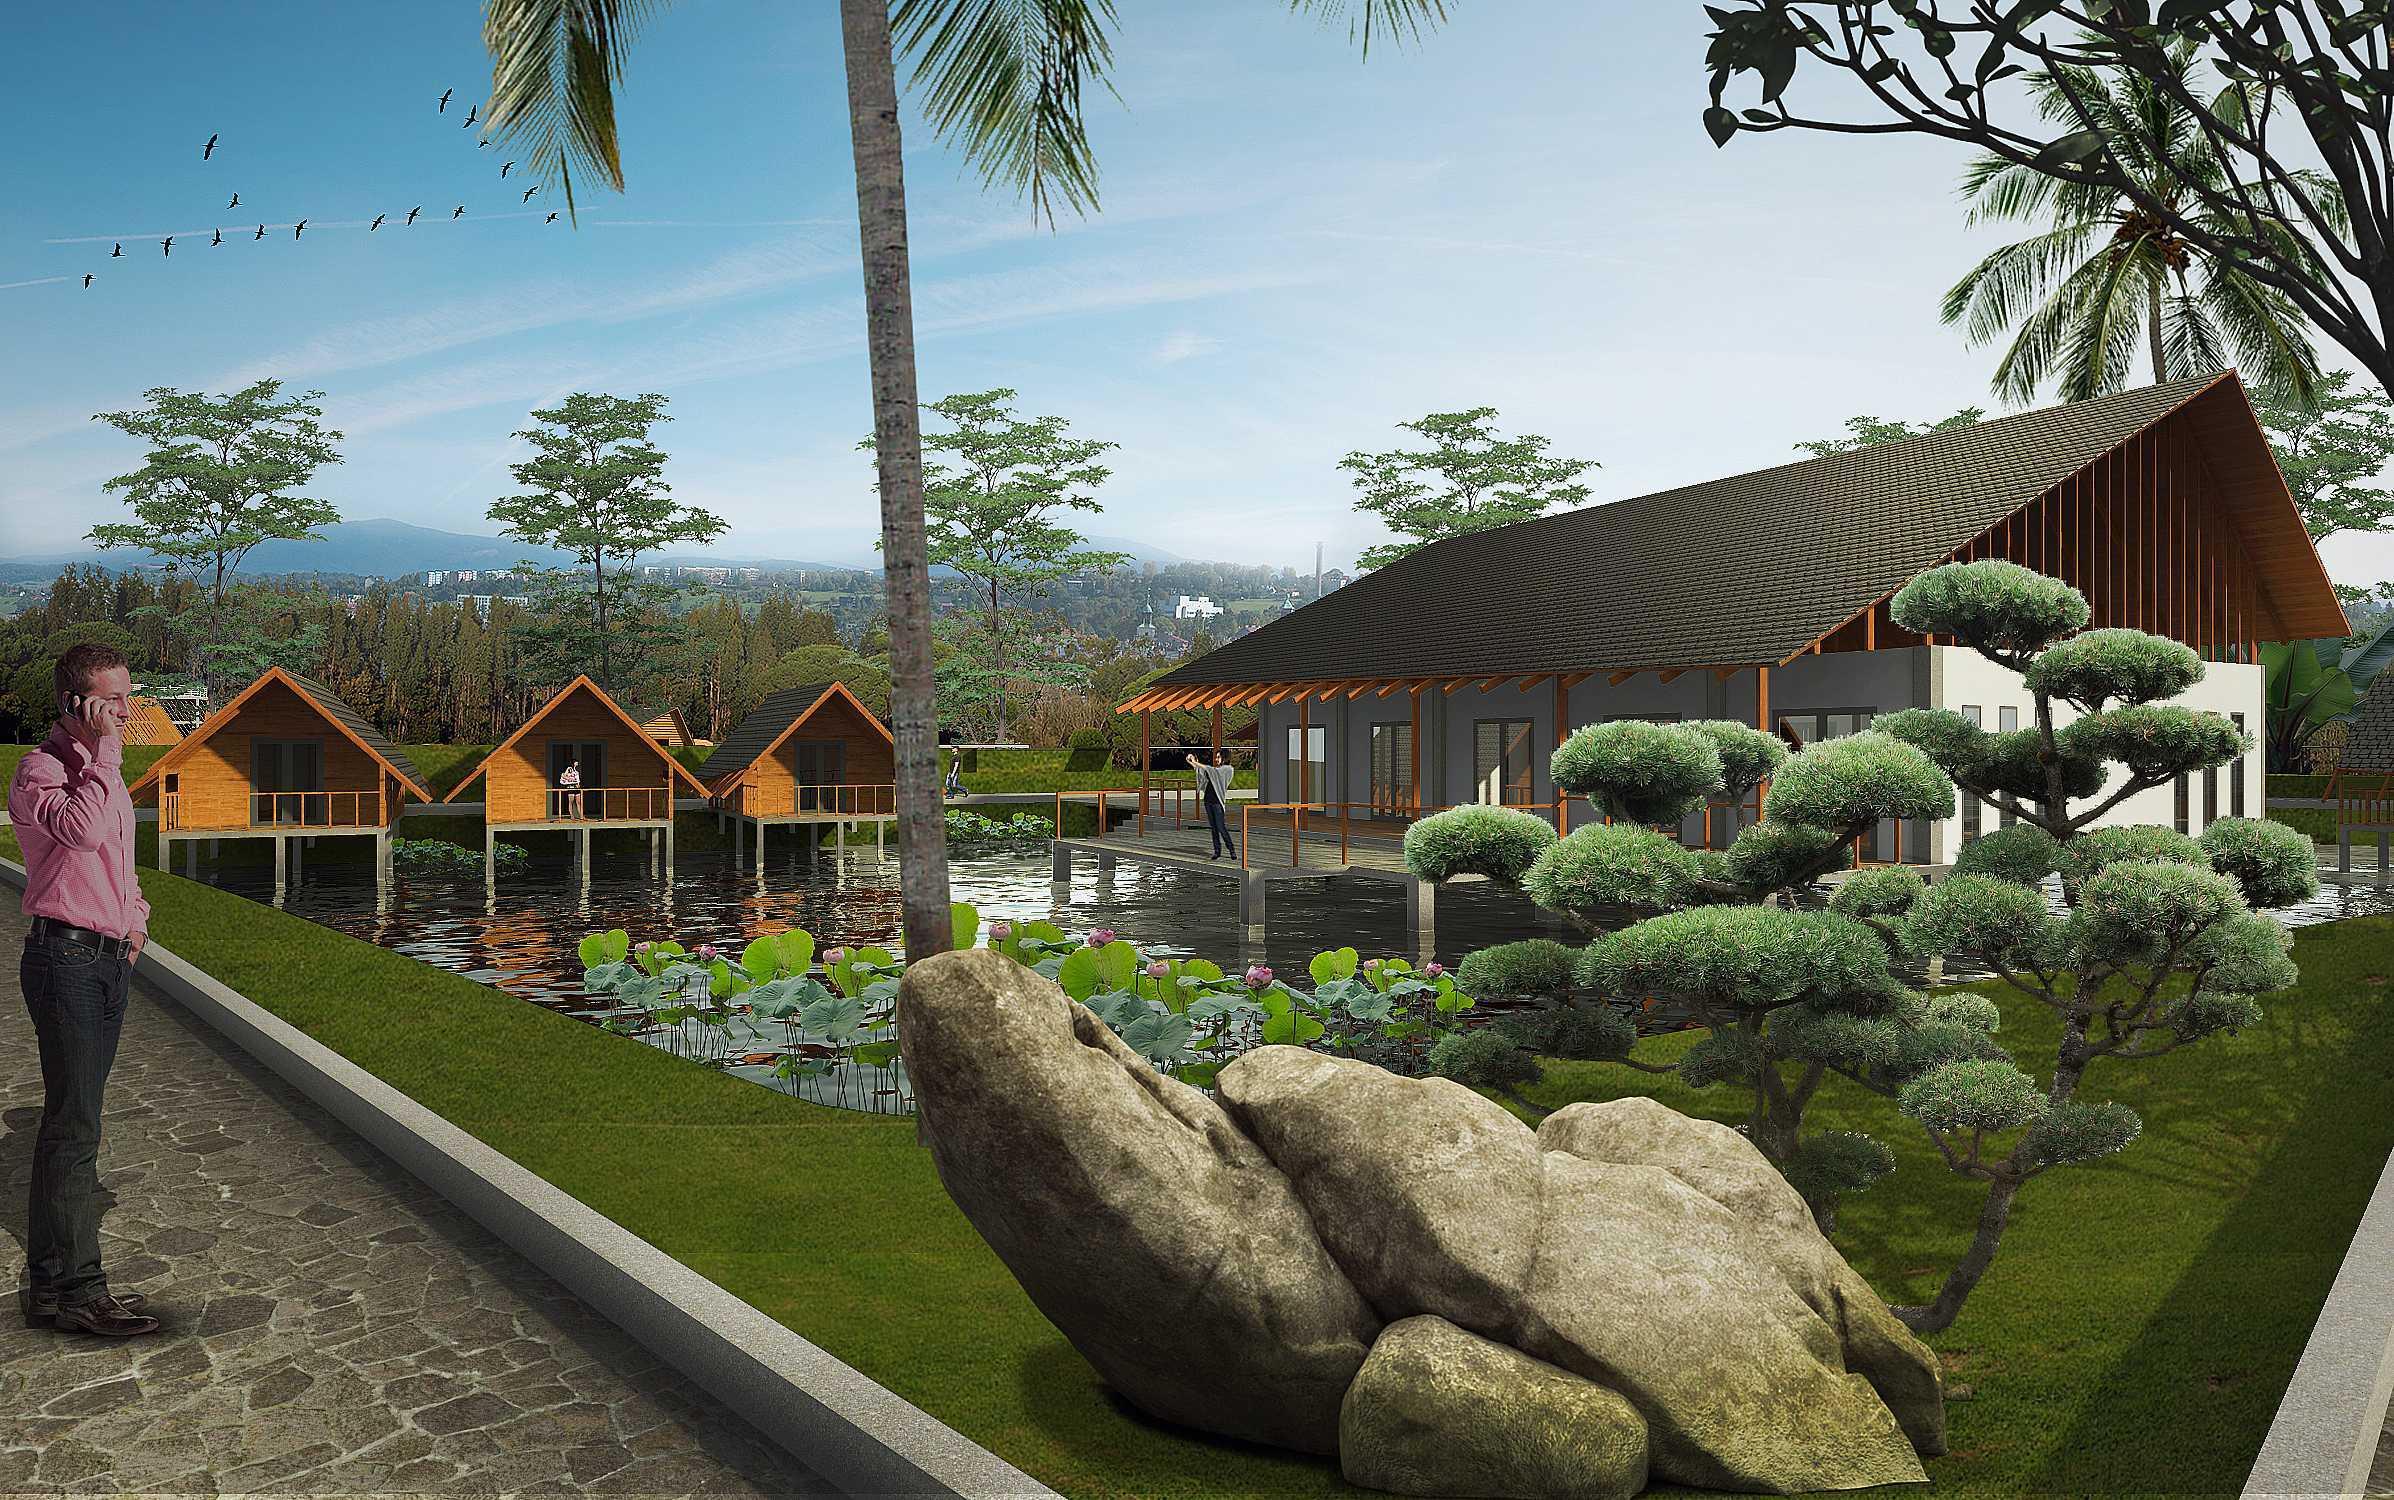 Gubah Ruang Mgl Masterplan Lembang, Kabupaten Bandung Barat, Jawa Barat, Indonesia Lembang, Kabupaten Bandung Barat, Jawa Barat, Indonesia Yard   50887